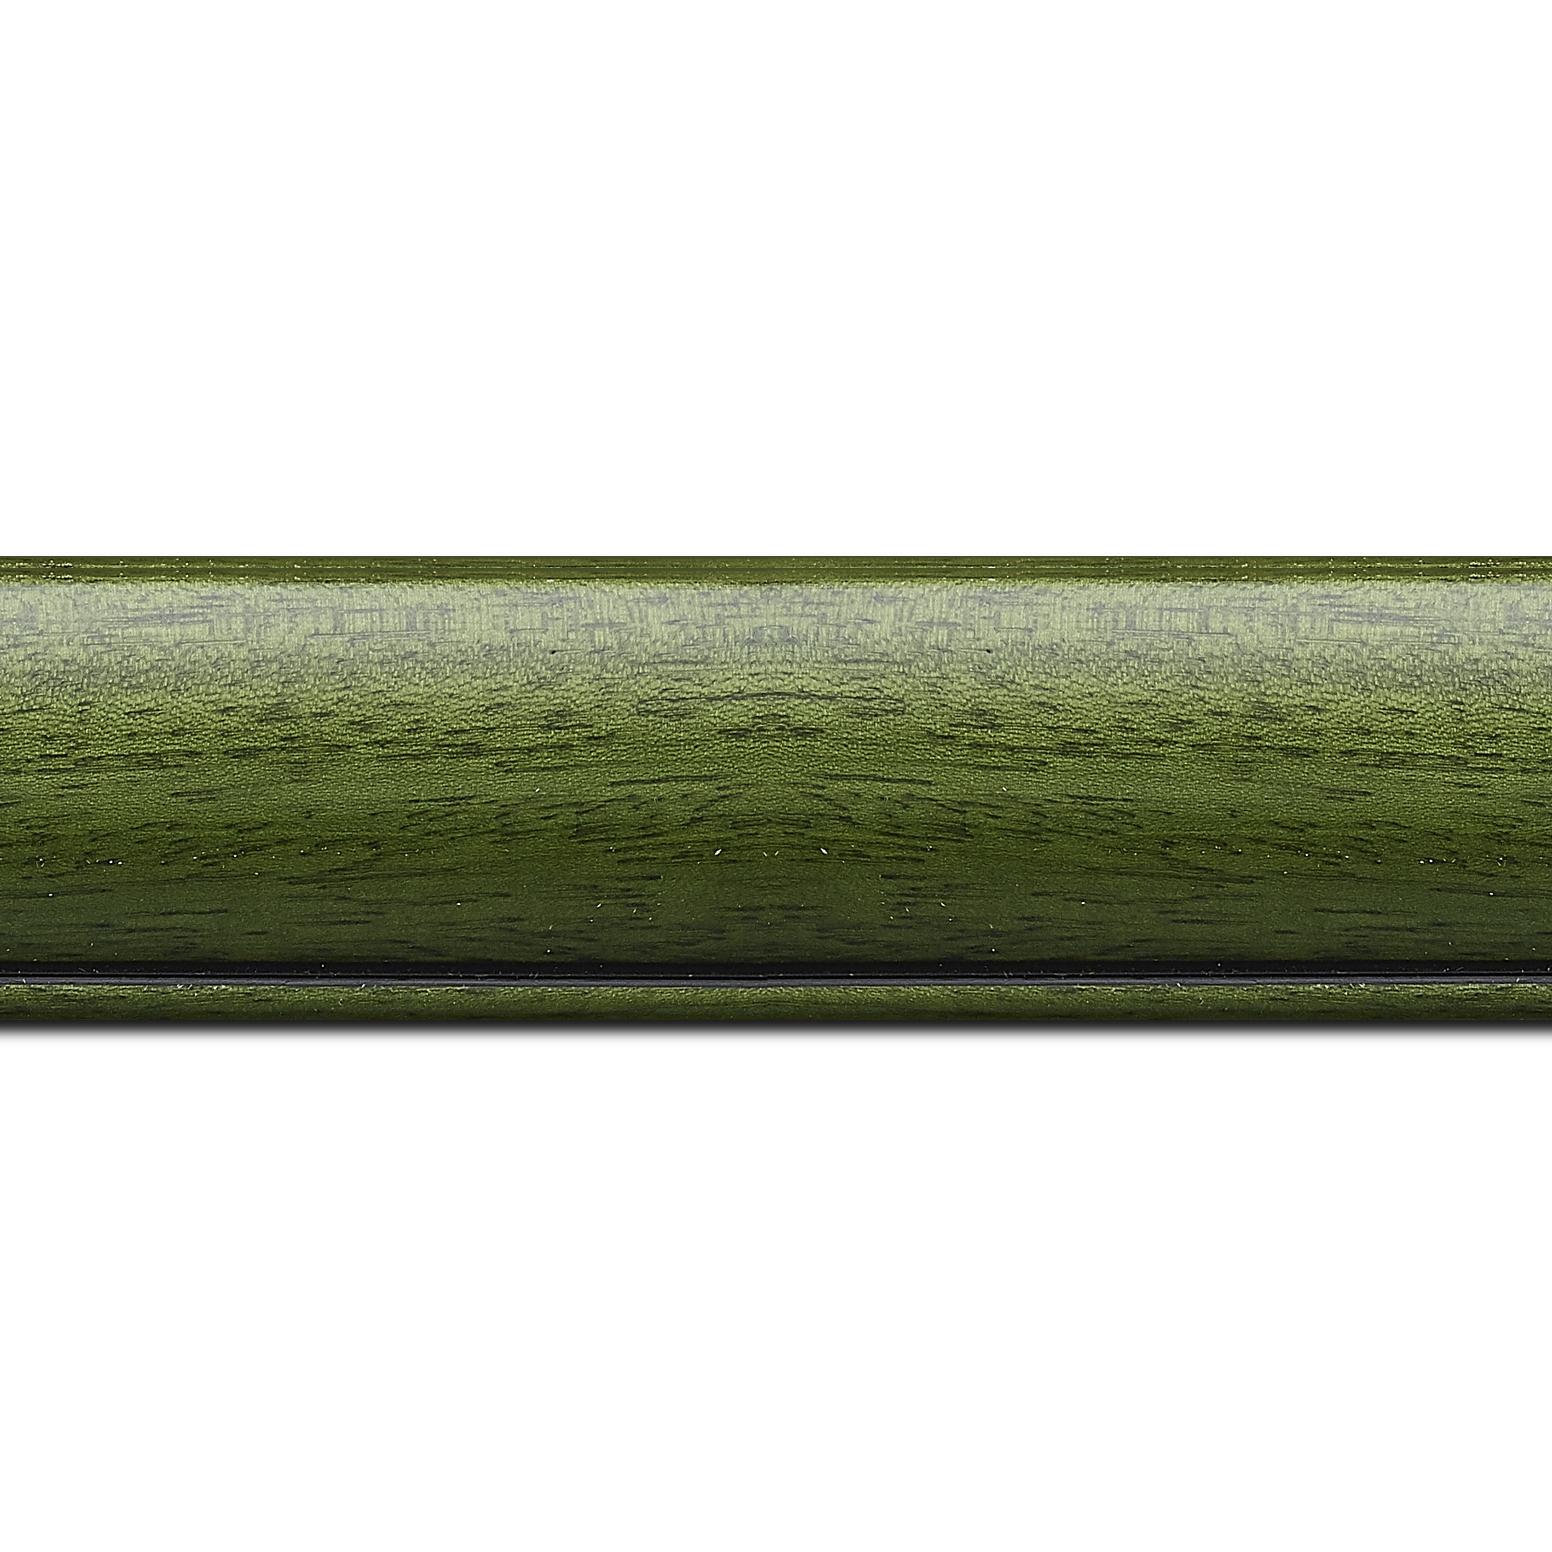 Baguette longueur 1.40m bois profil arrondi largeur 4.7cm couleur vert sapin satiné rehaussé d'un filet noir